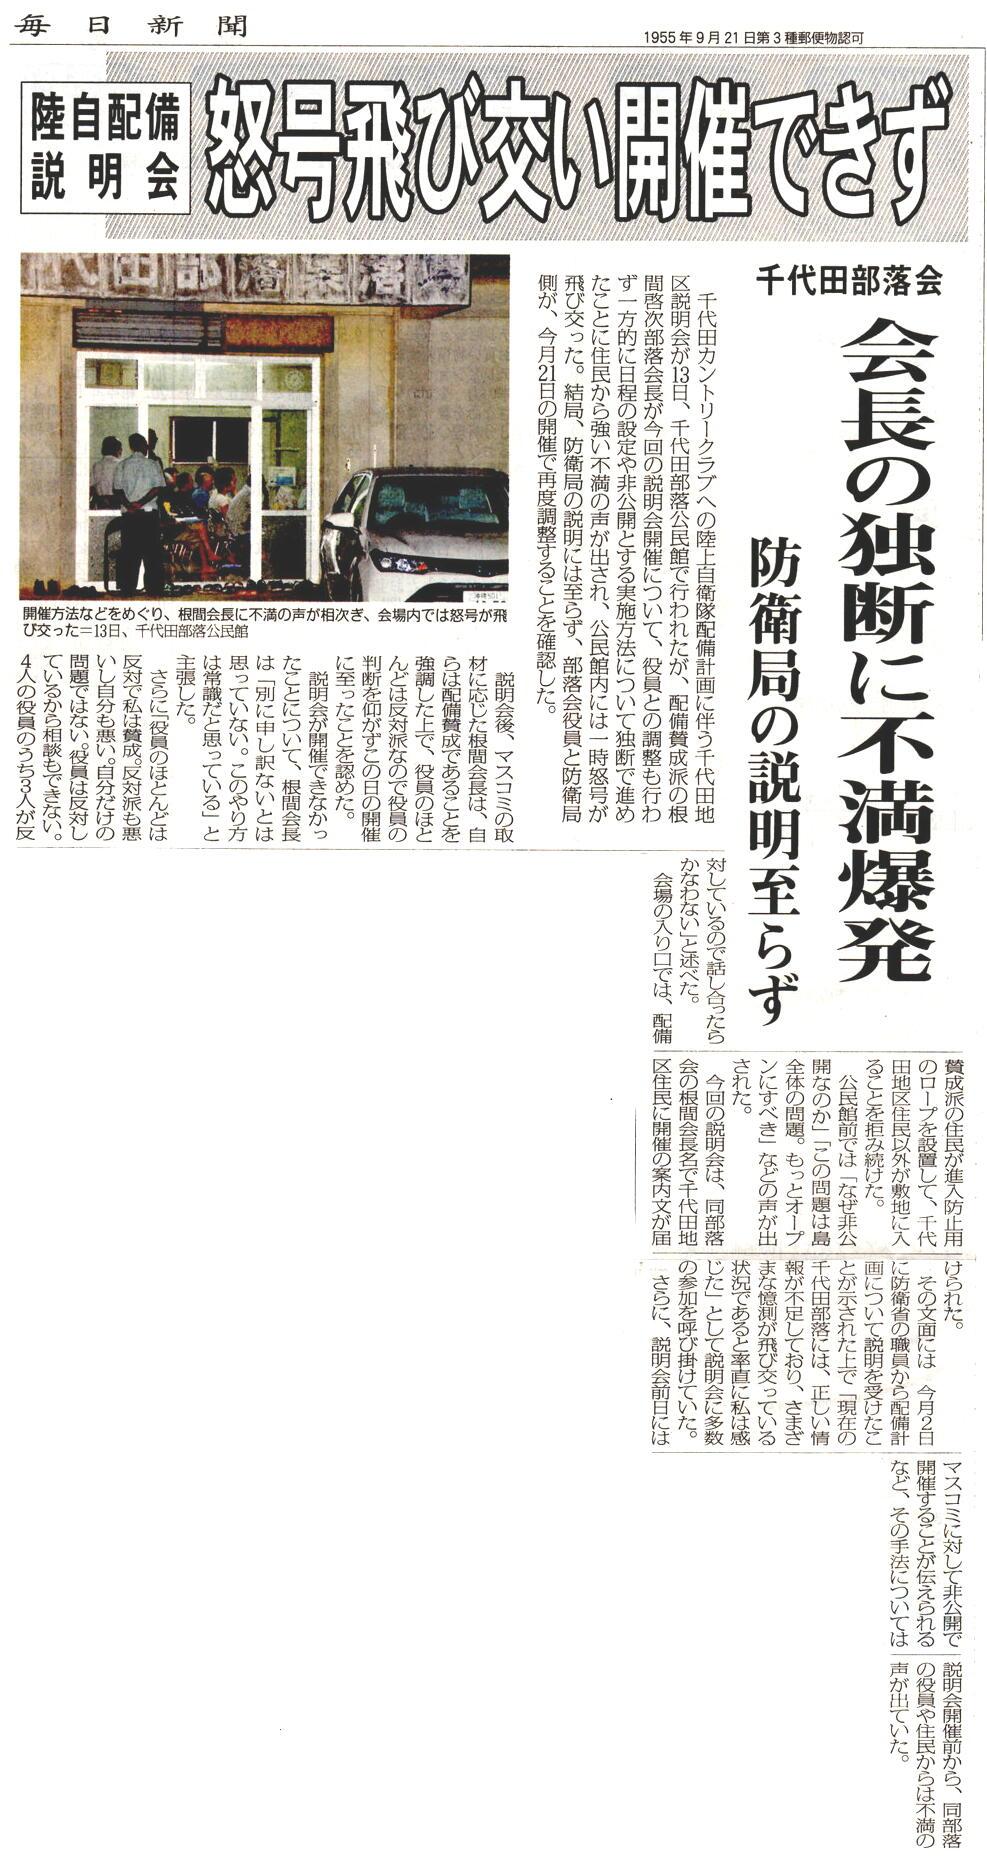 miyakomainichi2016 09152